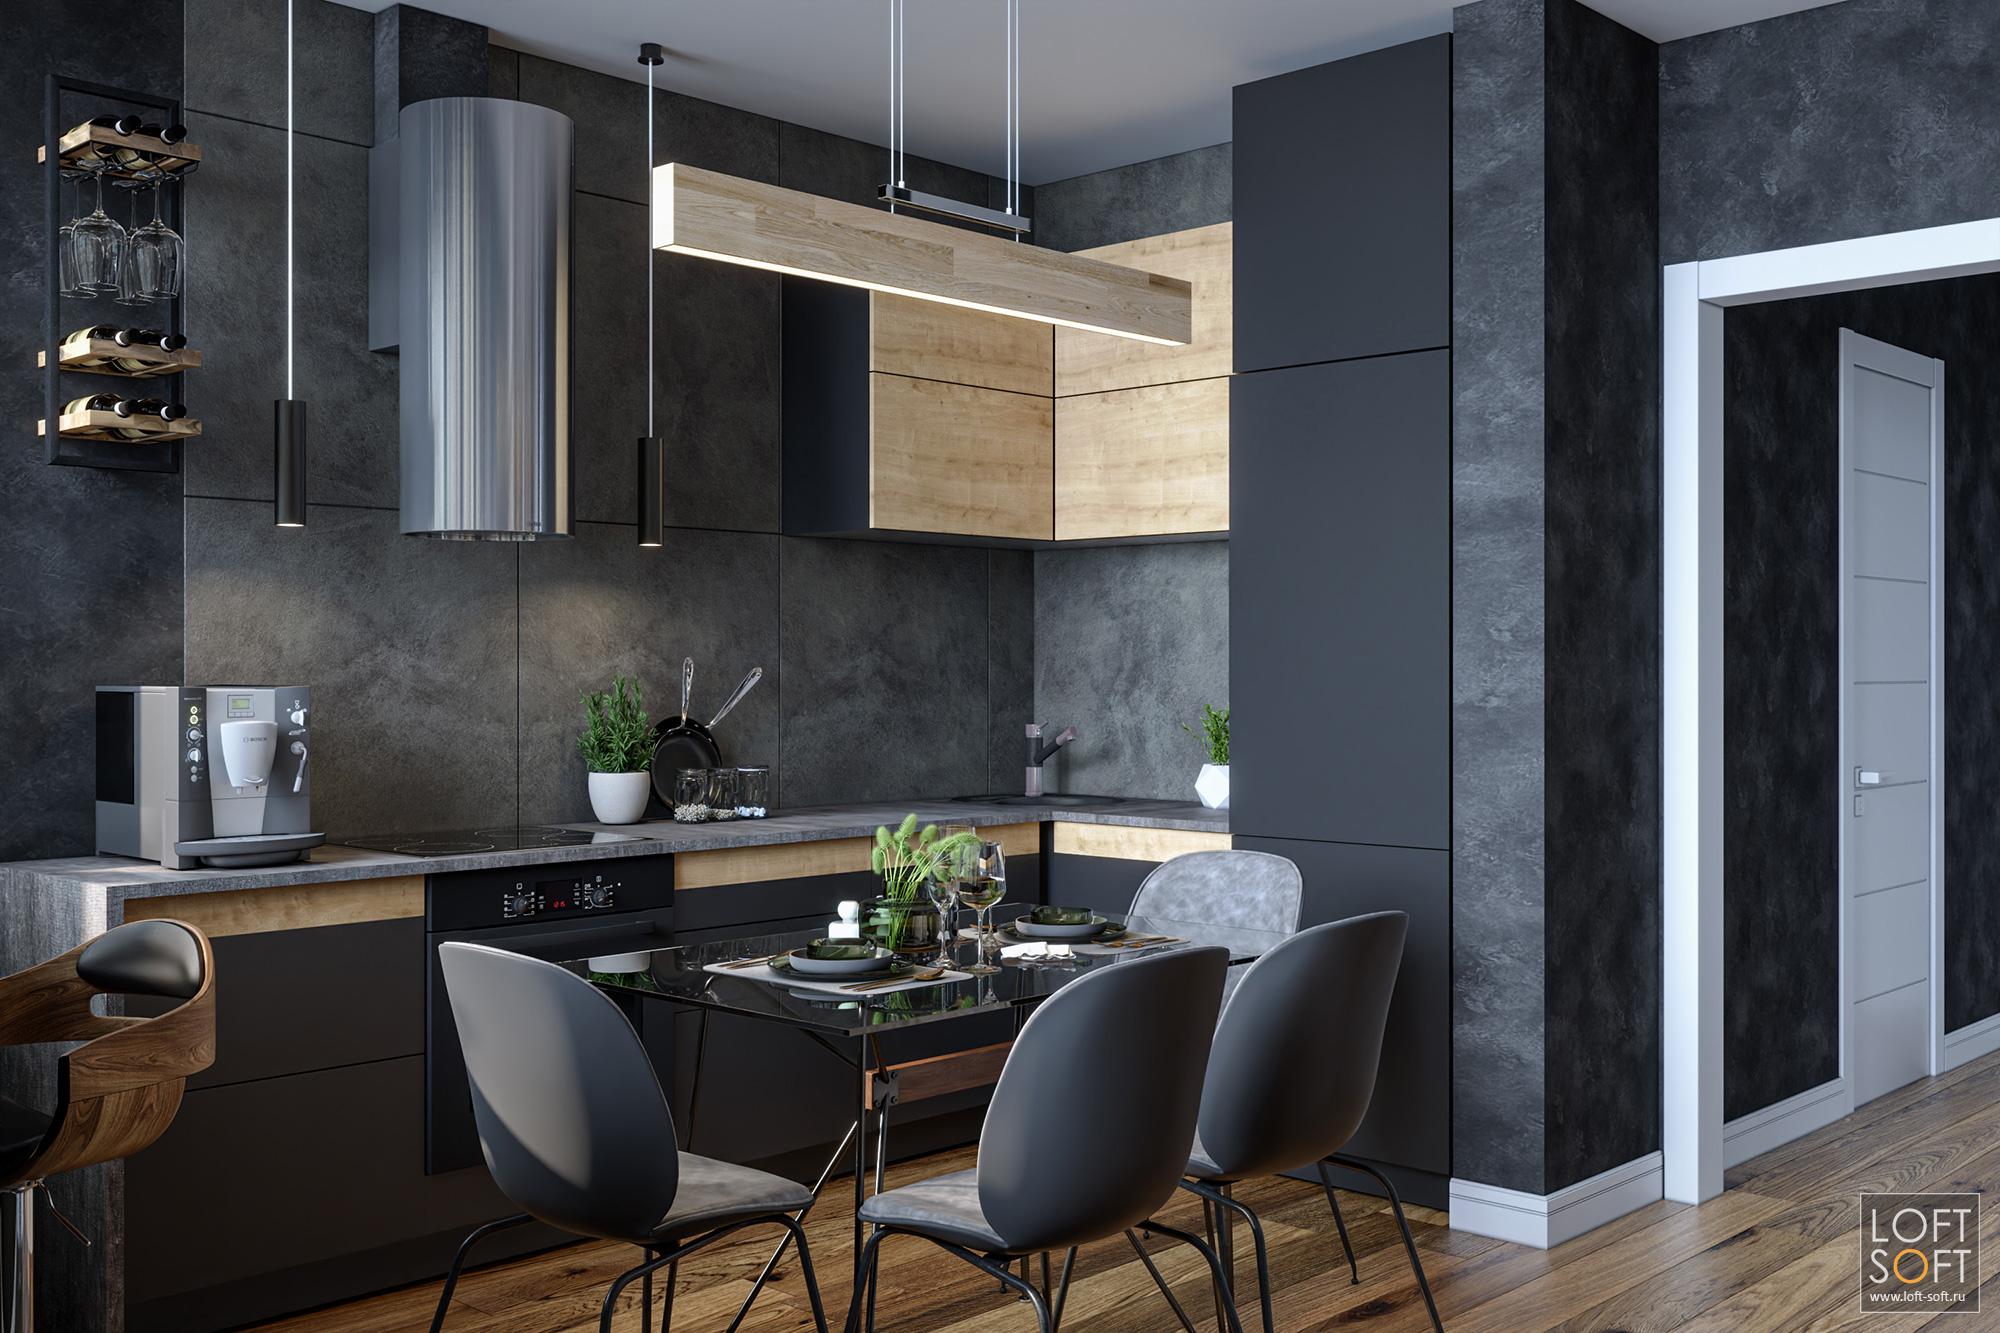 Дизайн-проект кухни втёмно-серых цветах